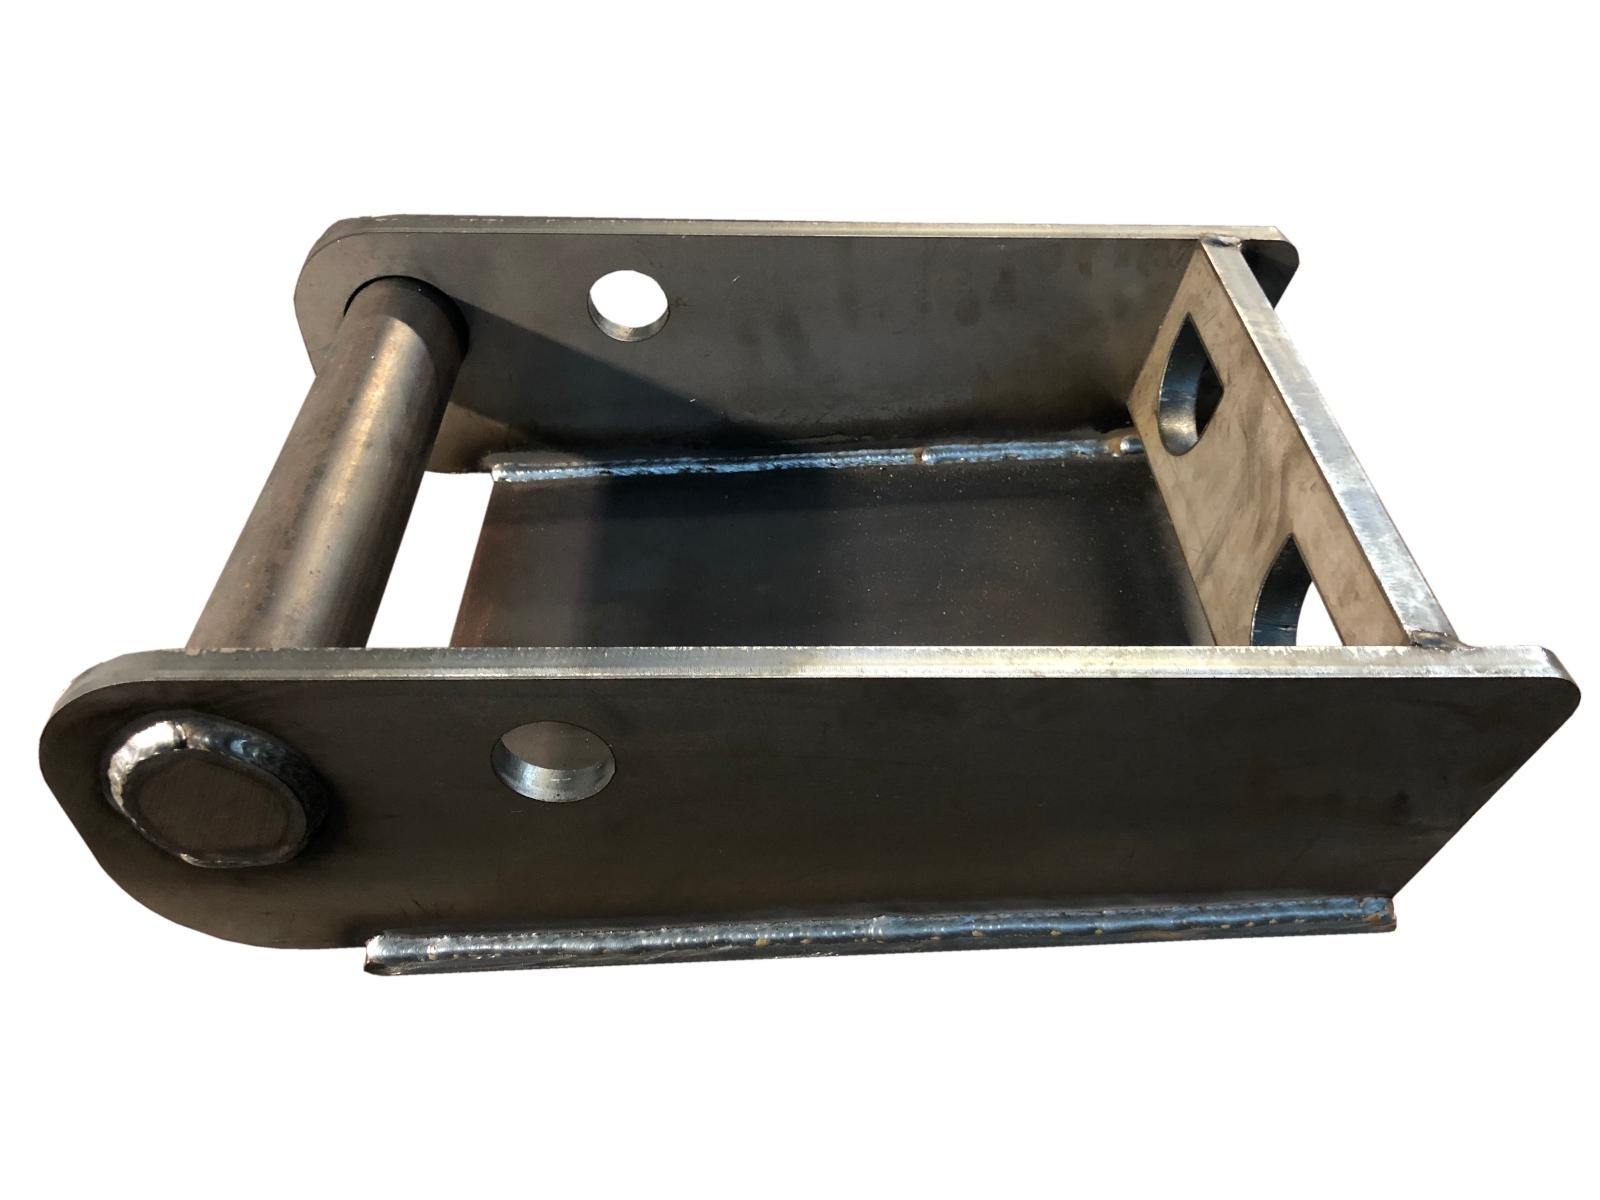 für Minibaggeranbau usw. CW05 Aufnahme zum anschweißen// 2x Einzelteile